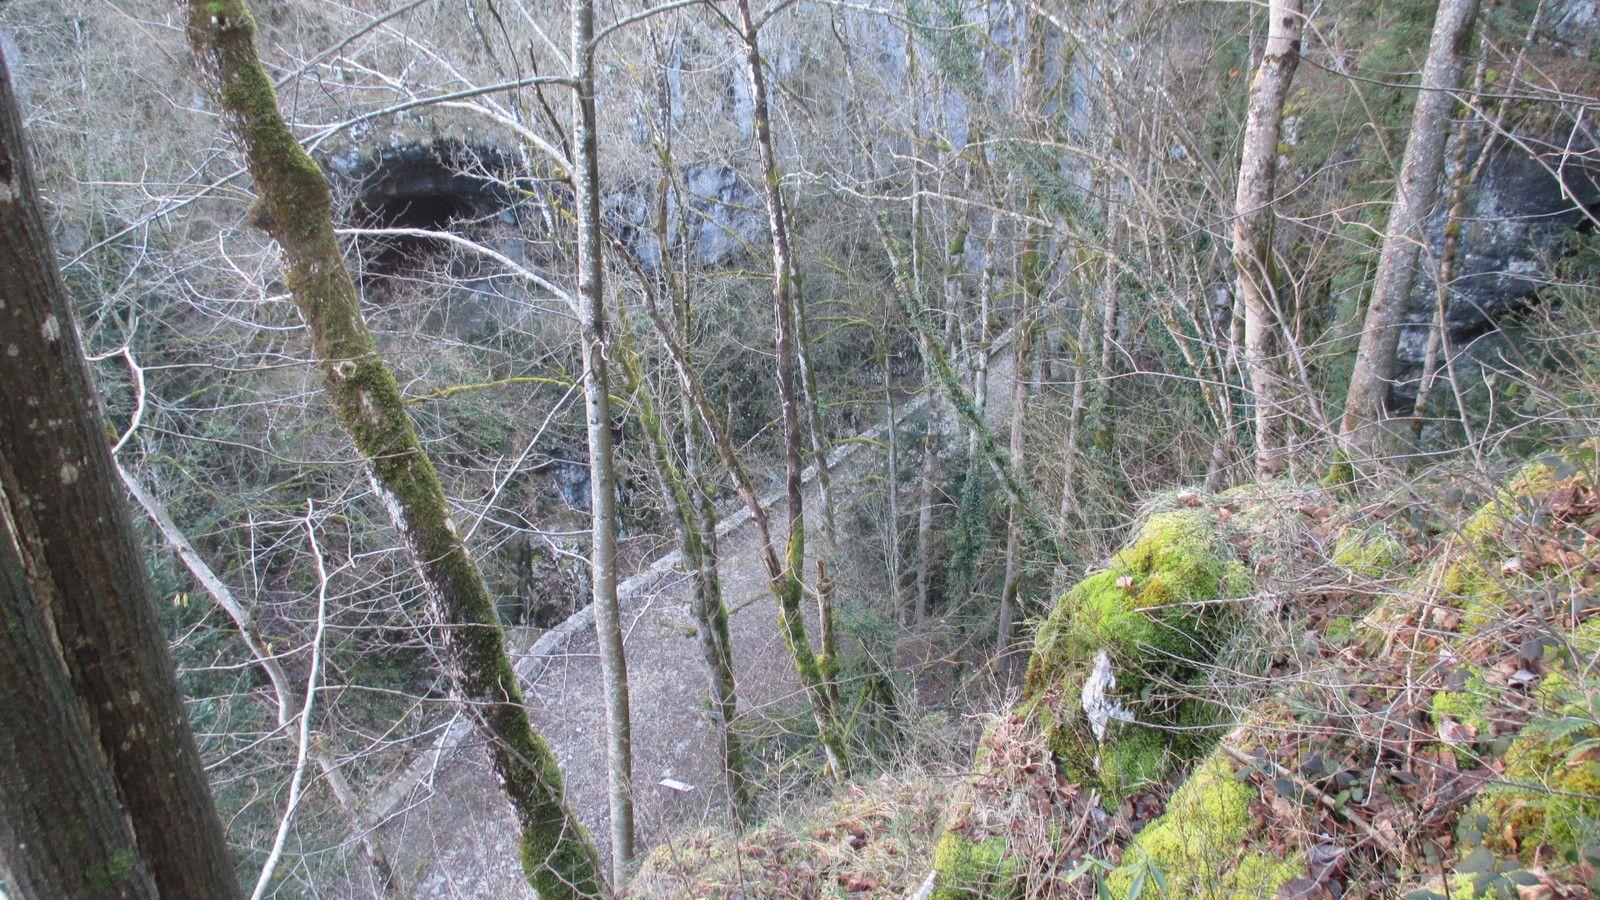 retour à travers la forêt et les lappiases, pour rejoindre la voie Sarde